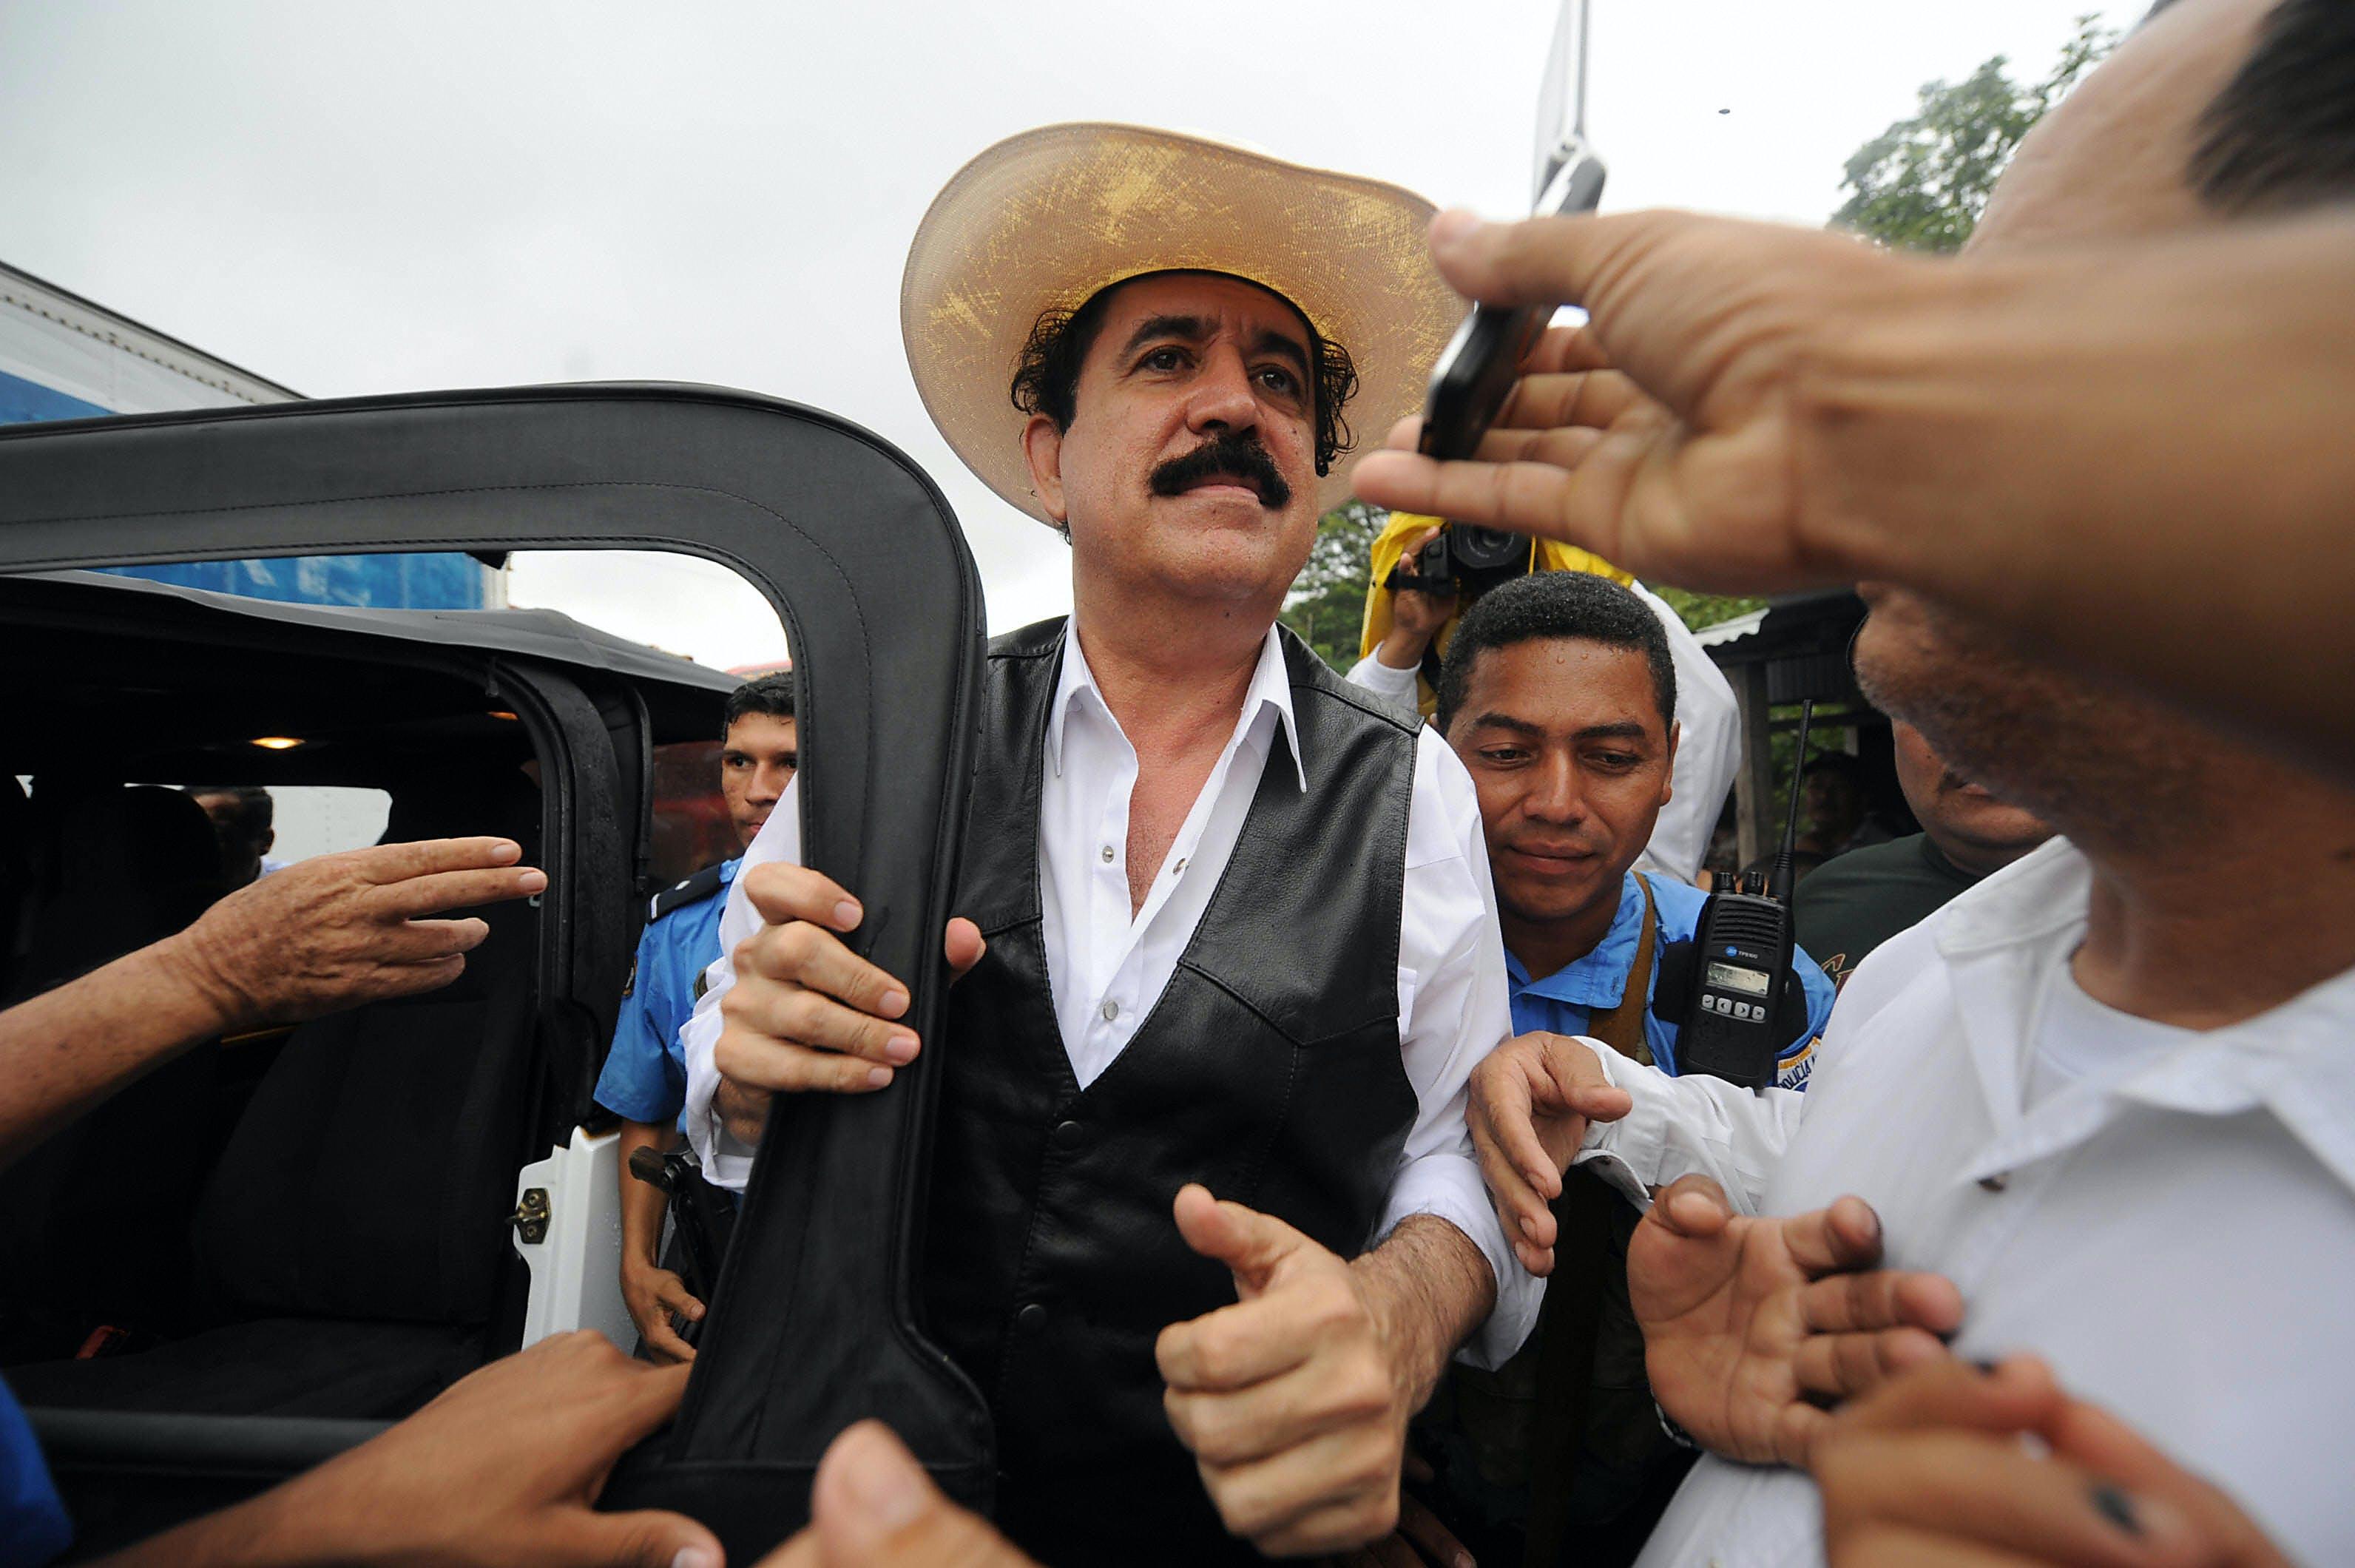 El derrocado presidente hondureño Manuel Zelaya llega a Las Manos, un puesto fronterizo entre Nicaragua y Honduras el 24 de julio de 2009. La policía en Honduras disparó gases lacrimógenos contra partidarios de Zelaya mientras el líder derrocado llegaba al otro lado de la frontera del país en Nicaragua, periodistas de la AFP atestiguado.  AFP PHOTO / Orlando SIERRA (Crédito de la foto debe leer ORLANDO SIERRA / AFP / Getty Images)